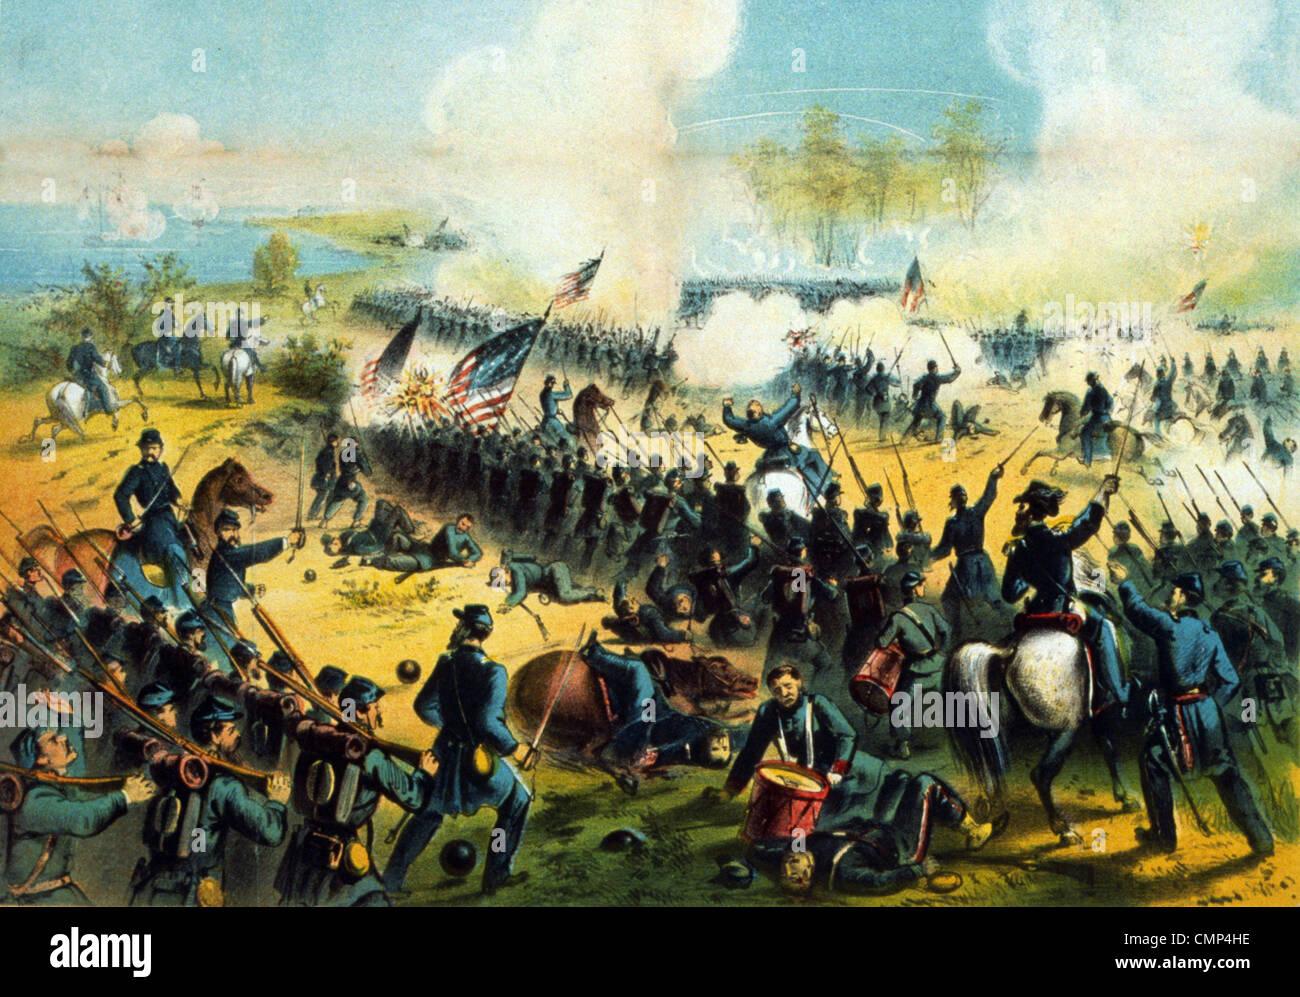 La bataille de Shiloh, également connu sous le nom de la bataille de Pittsburg Landing, bataille dans le théâtre Photo Stock